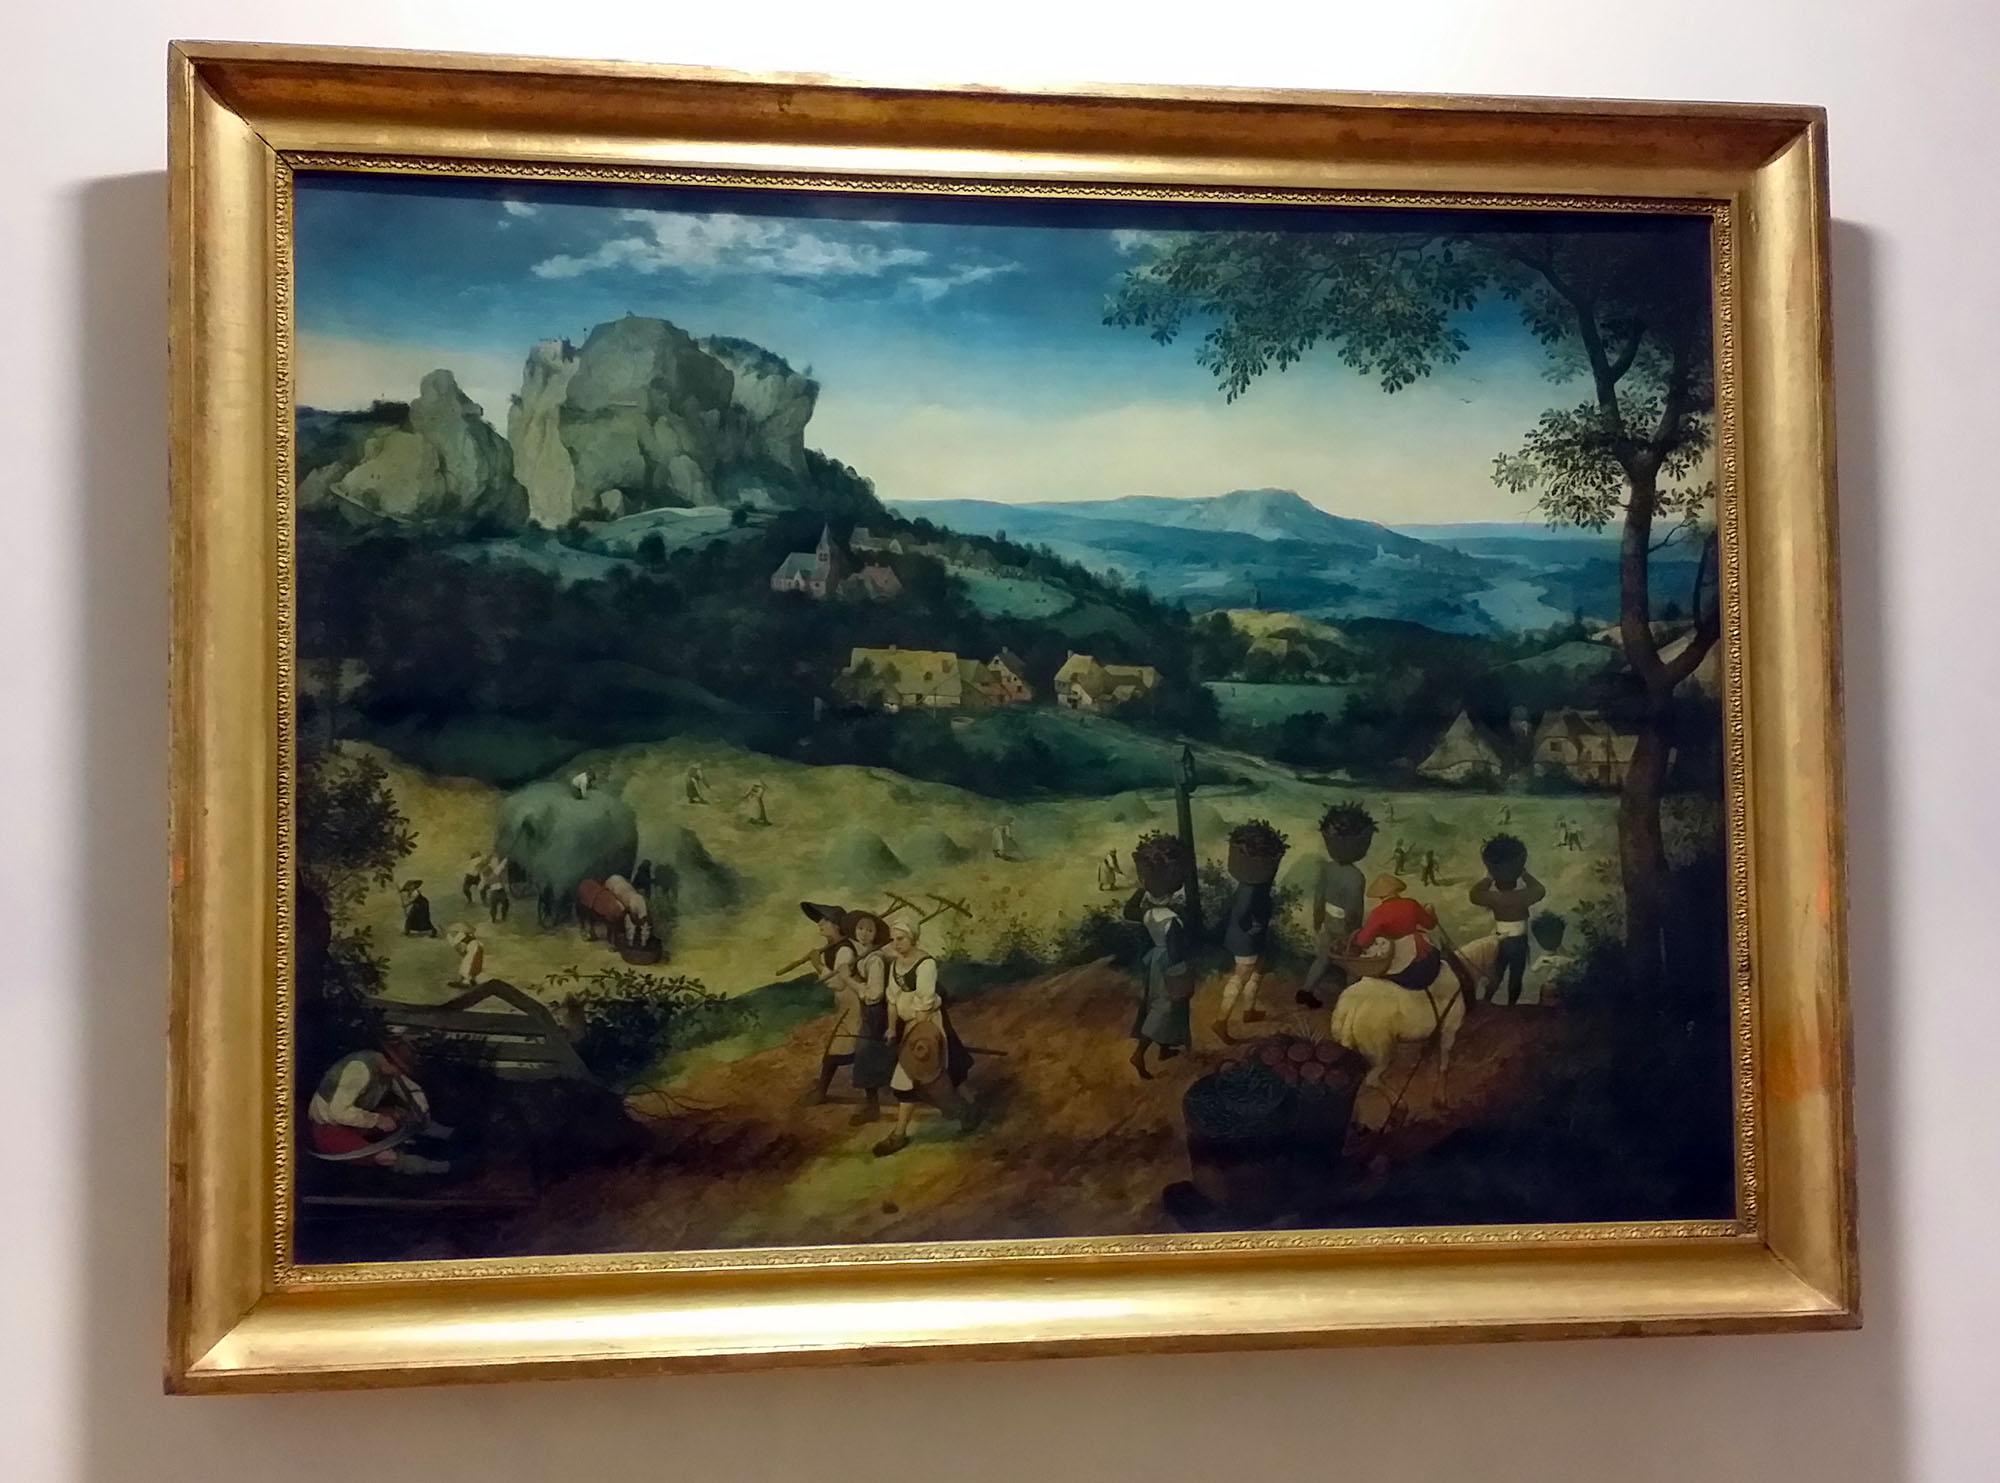 ロブコヴィツ宮殿ブリューゲル